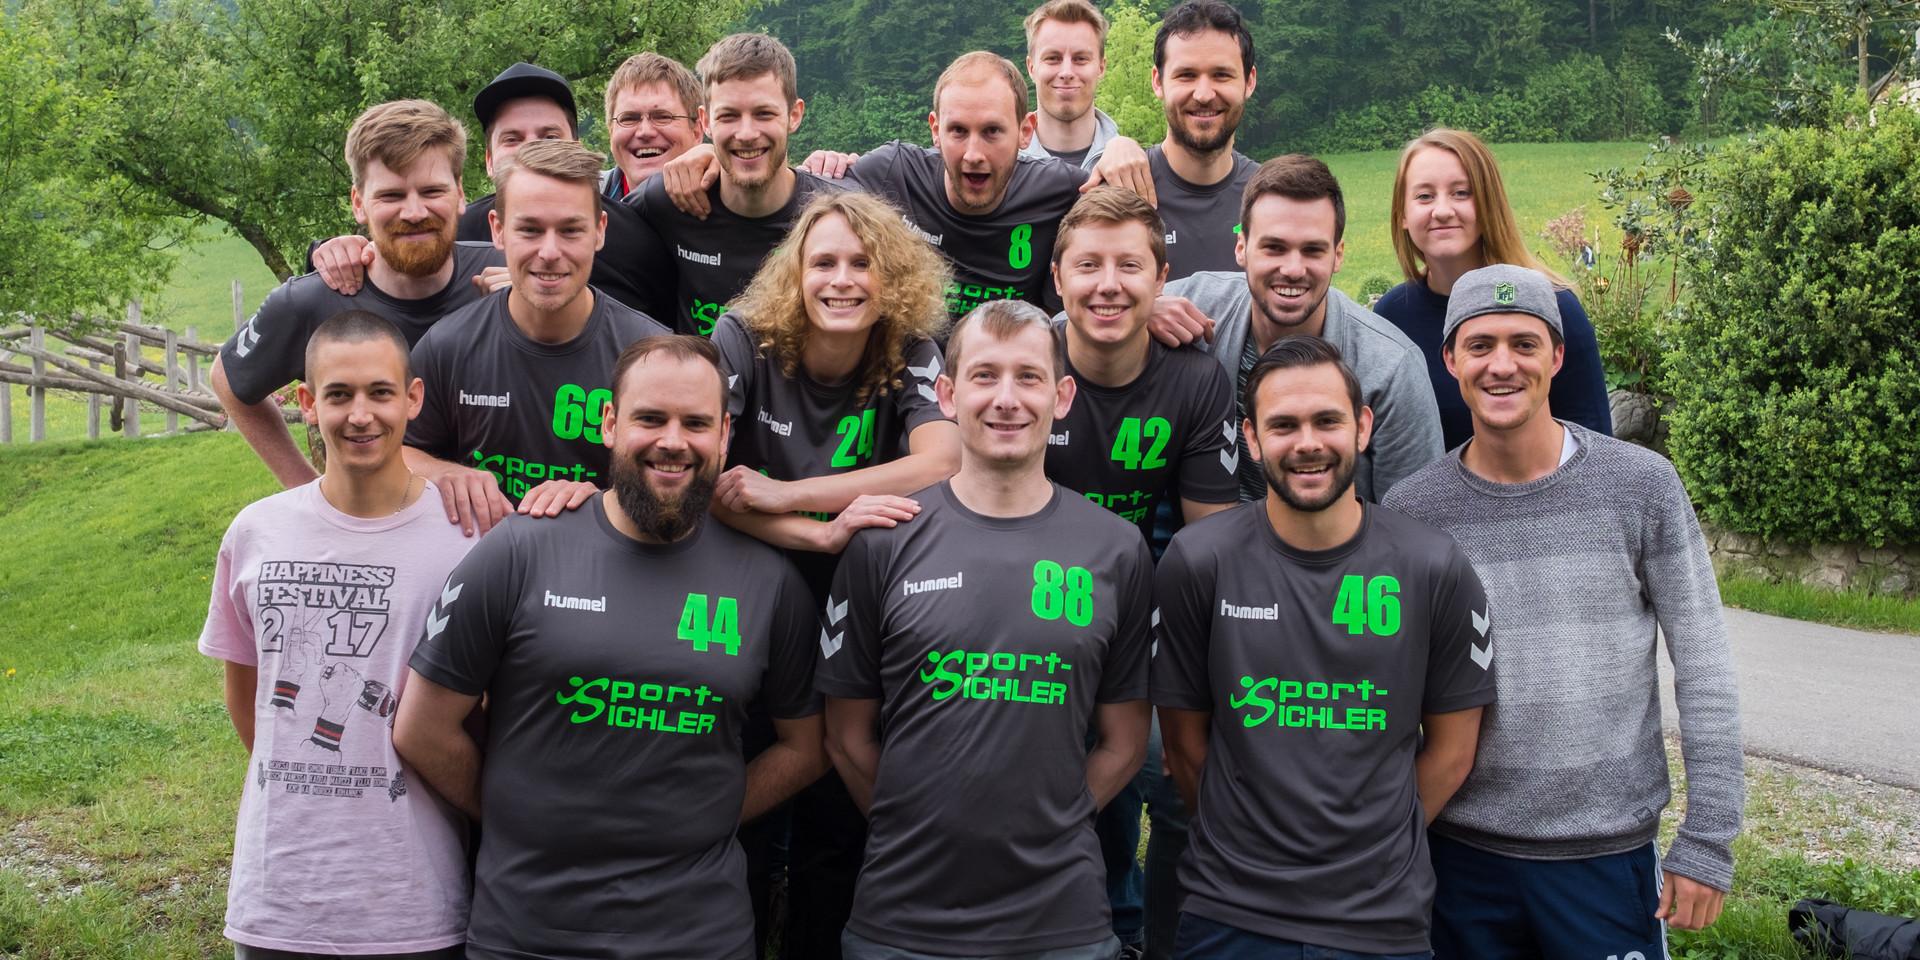 Gruppenfoto Süddeutsche Meisterschaft 2017/2018